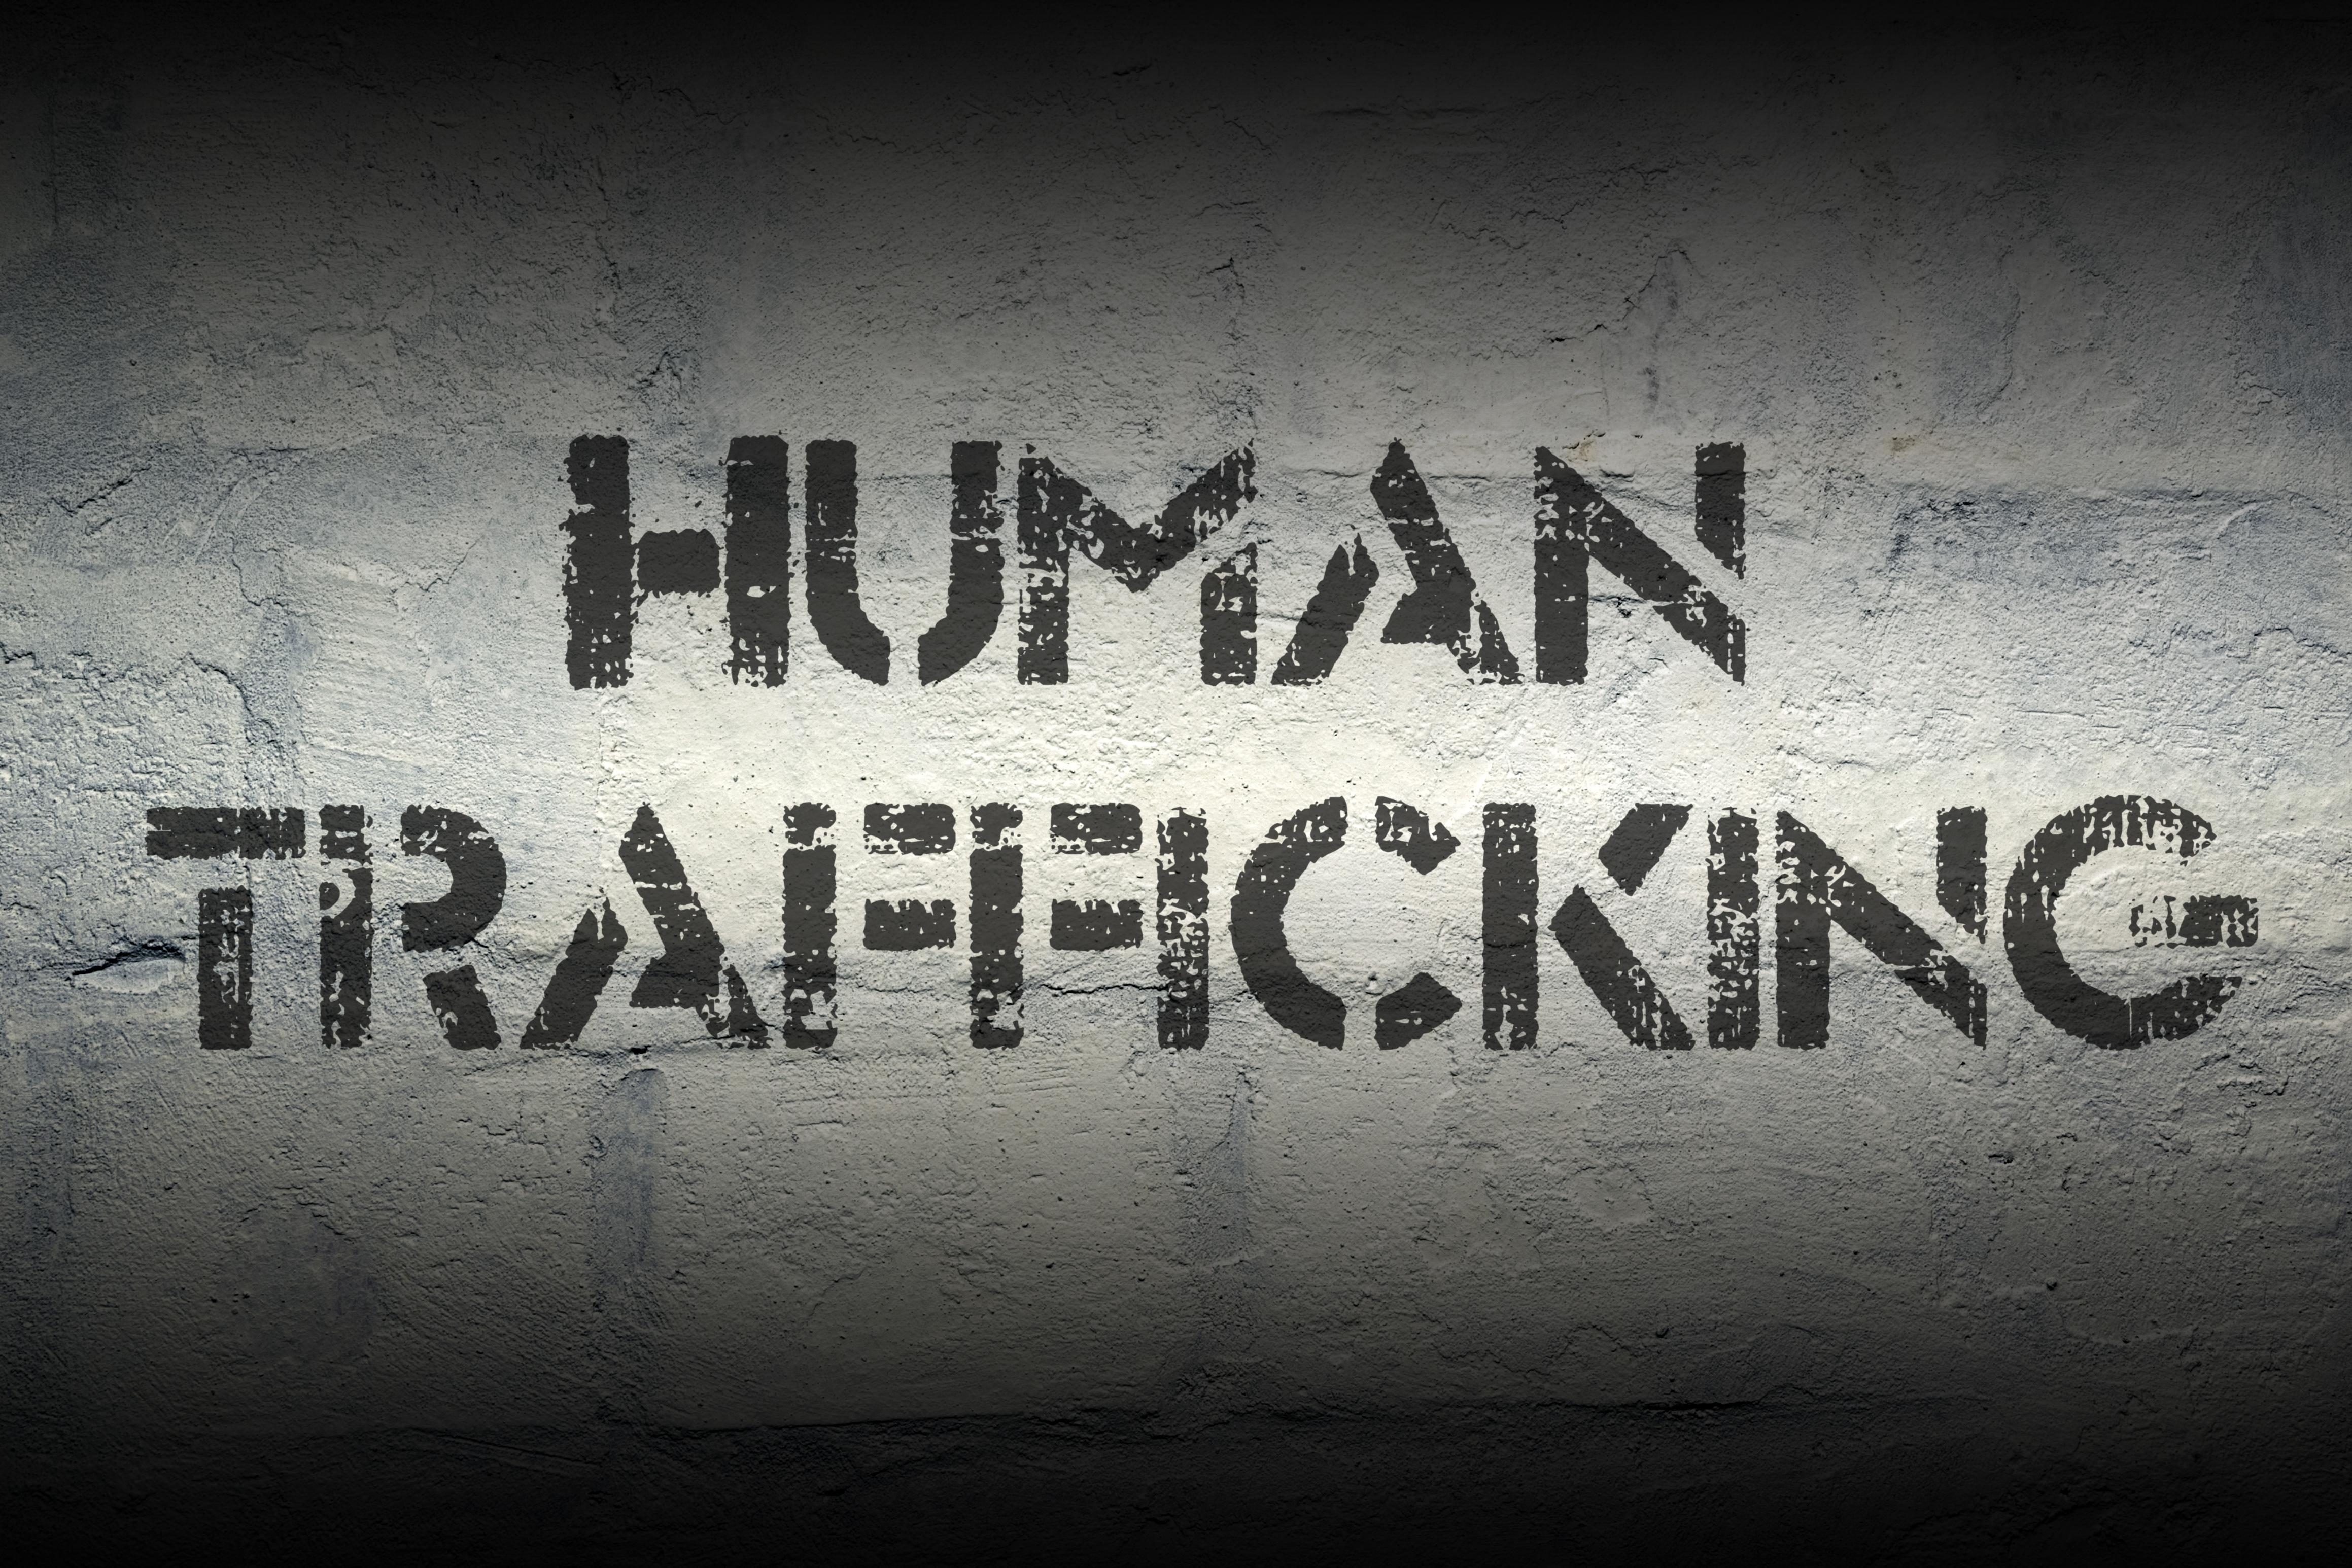 Βόζεμπεργκ_ευρωβουλευτής_ΝΔ_παρέμβαση_ΕΚ_Επιτροπή Ελευθεριών_HumanTrafficking_ΕμπορίαΑνθρώπων_Ενιαίοζήτημα_εφαρμογή_νομοθετικό_πλαίσιο